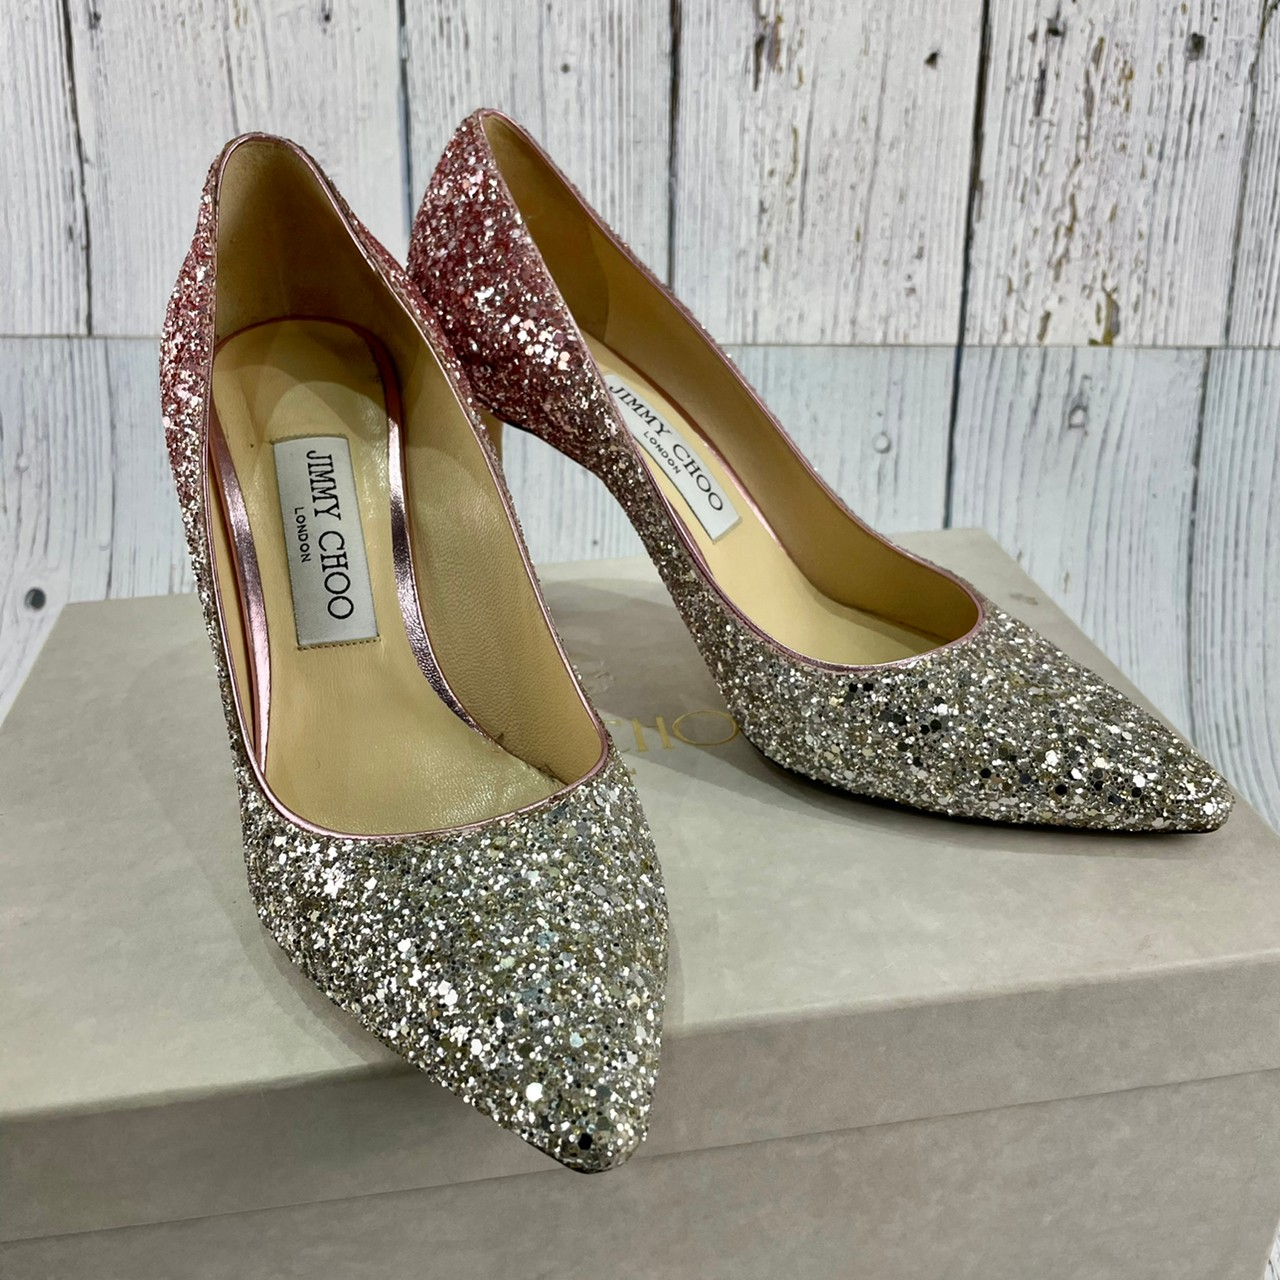 BRAND楓月 JIMMY CHOO 粉紅色 銀色 亮片 漸層 高跟鞋 尖頭鞋 婚鞋 女鞋 #37.5